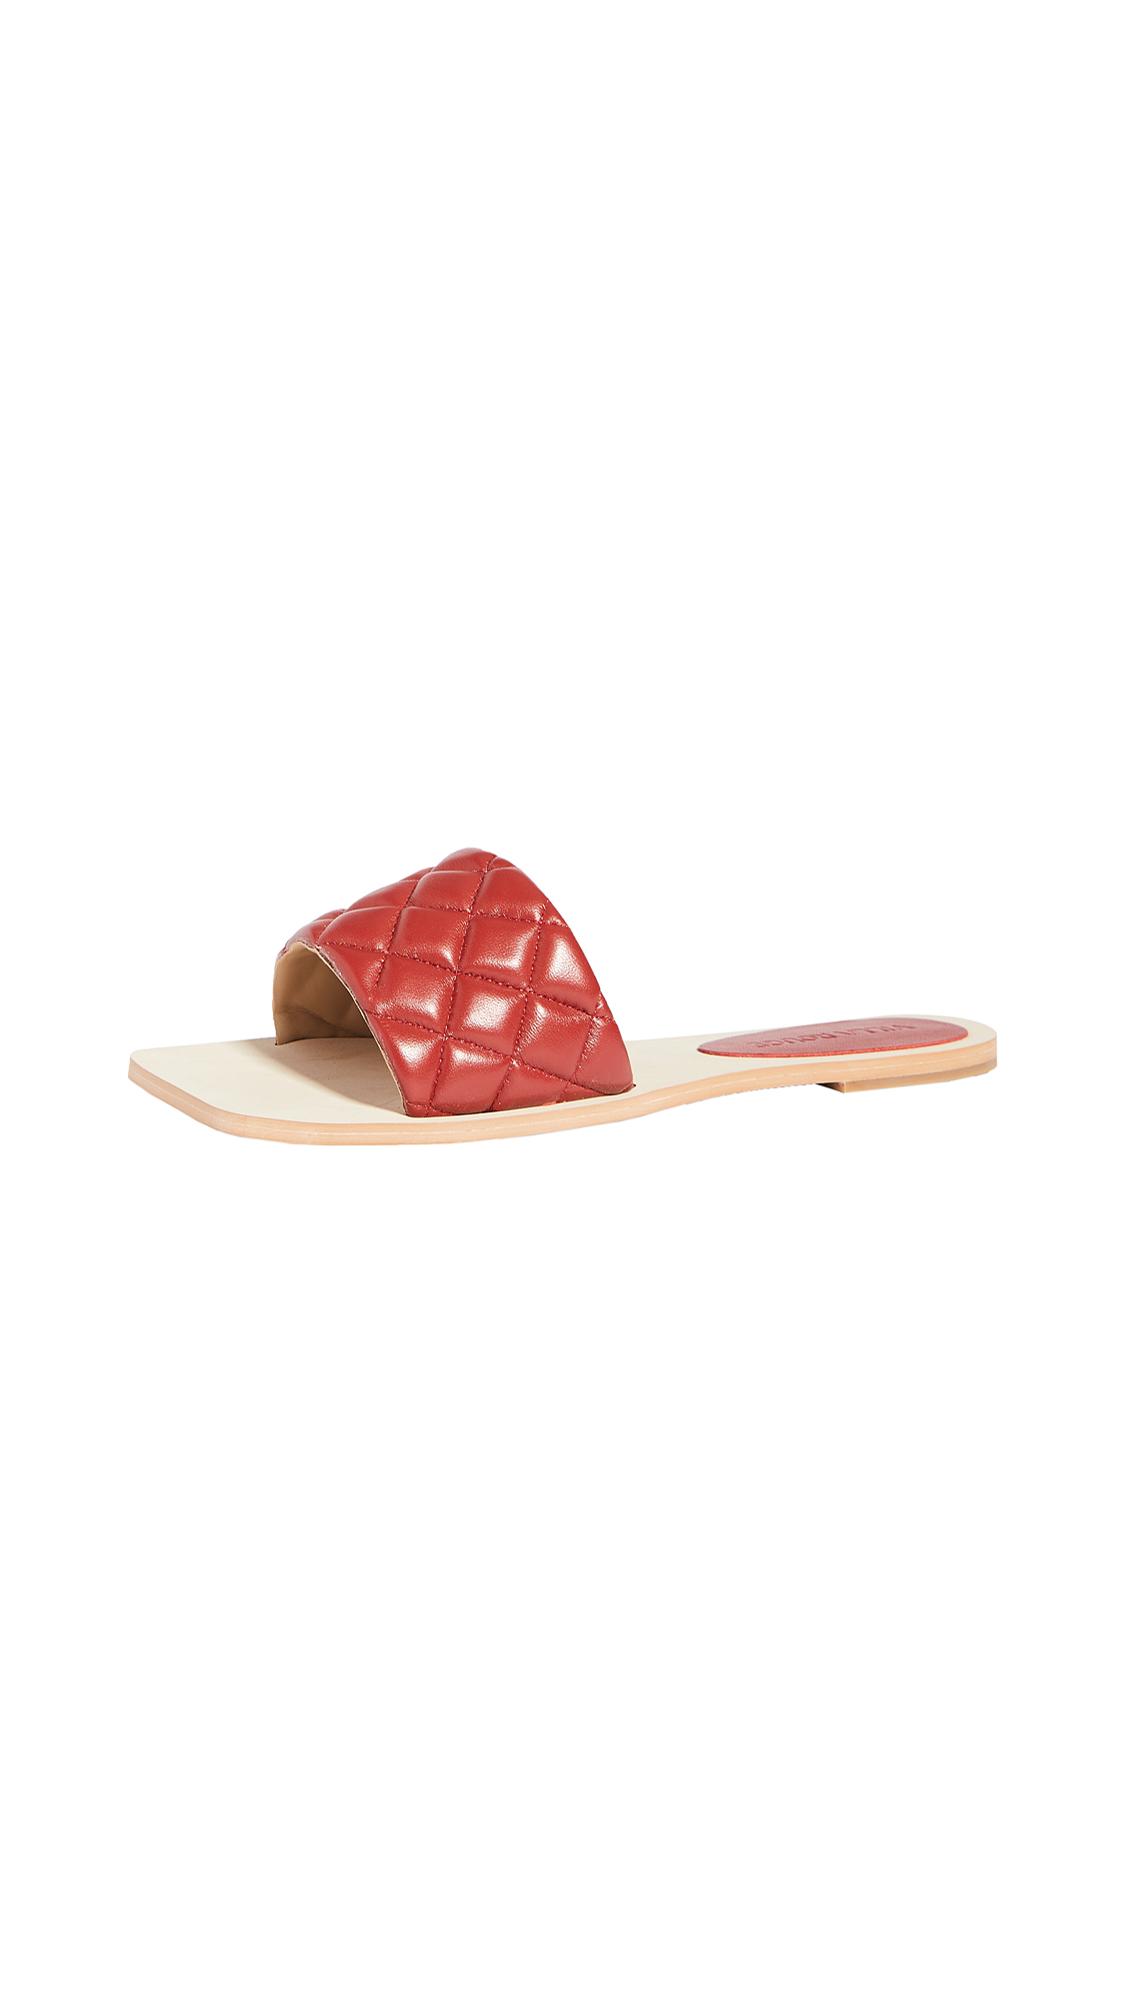 Buy Villa Rouge Beach Slides online, shop Villa Rouge